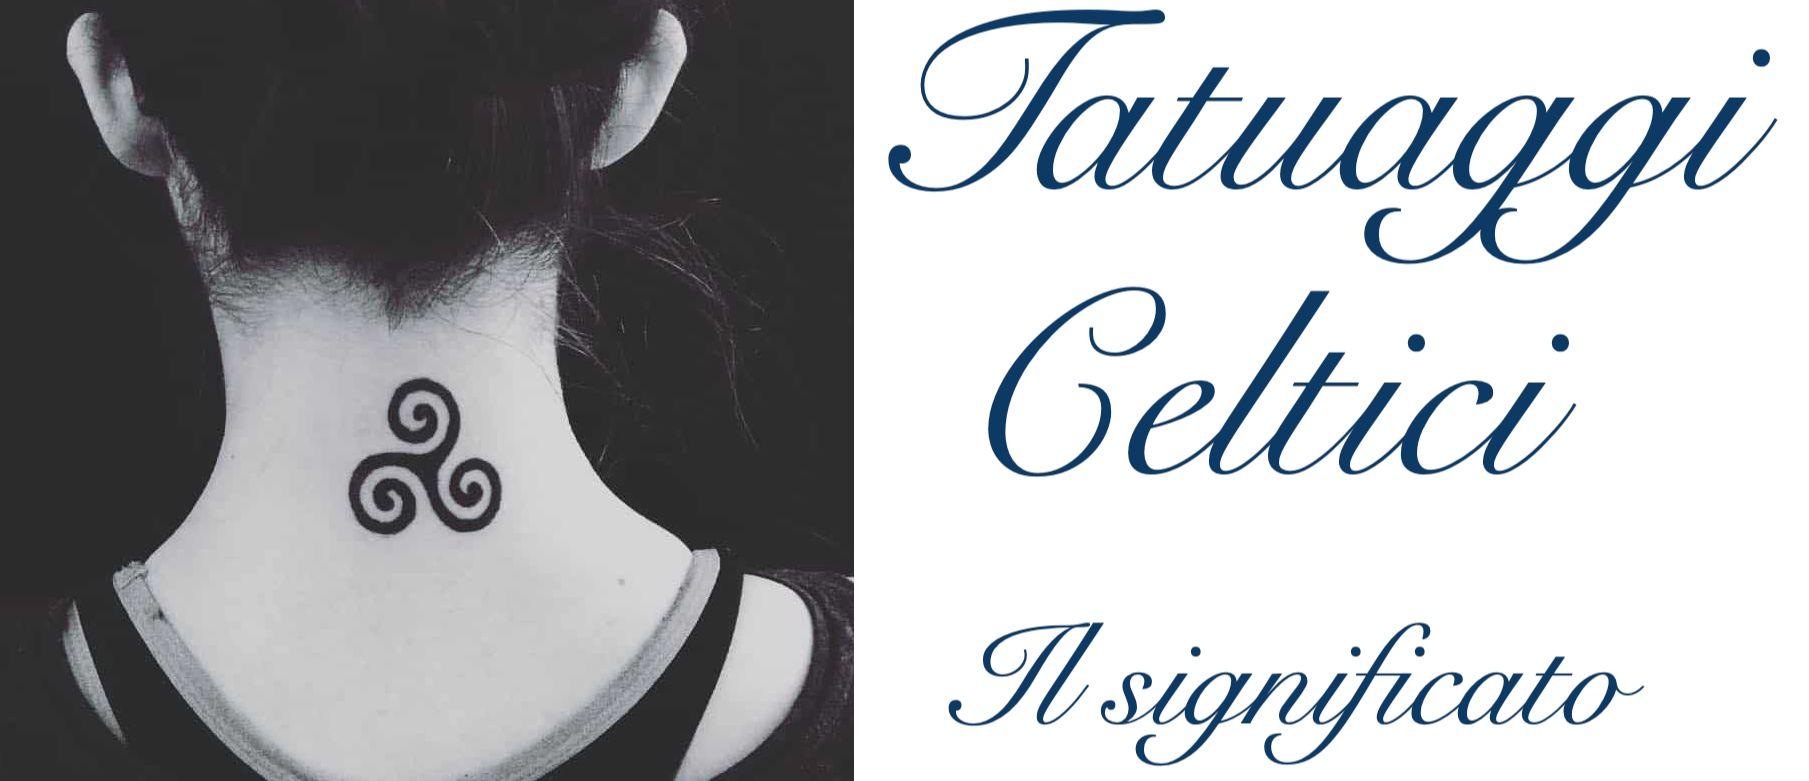 Tatuaggio Tattoo Celtico Significato